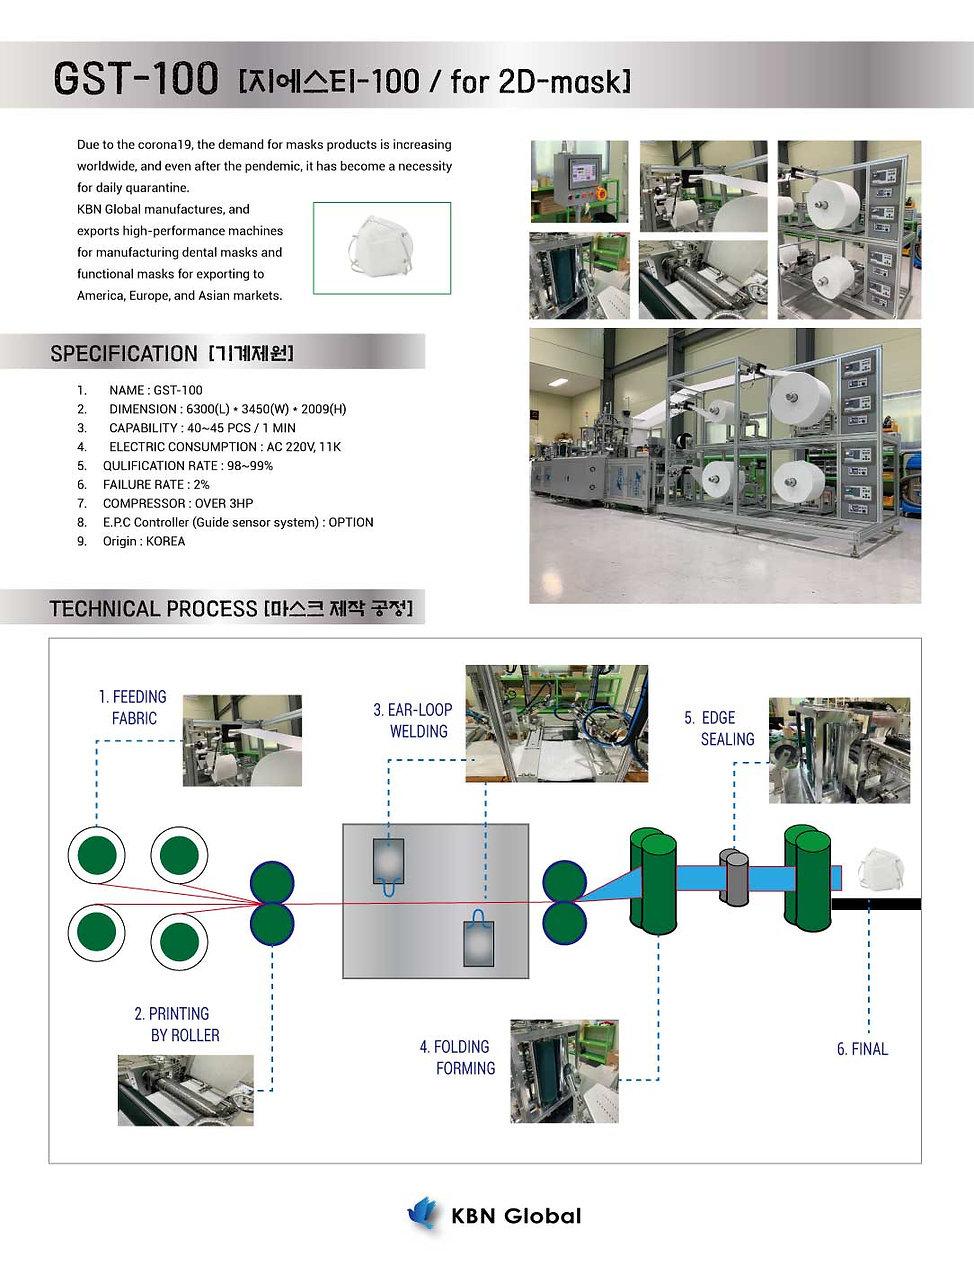 GST-100_(KBN).jpg